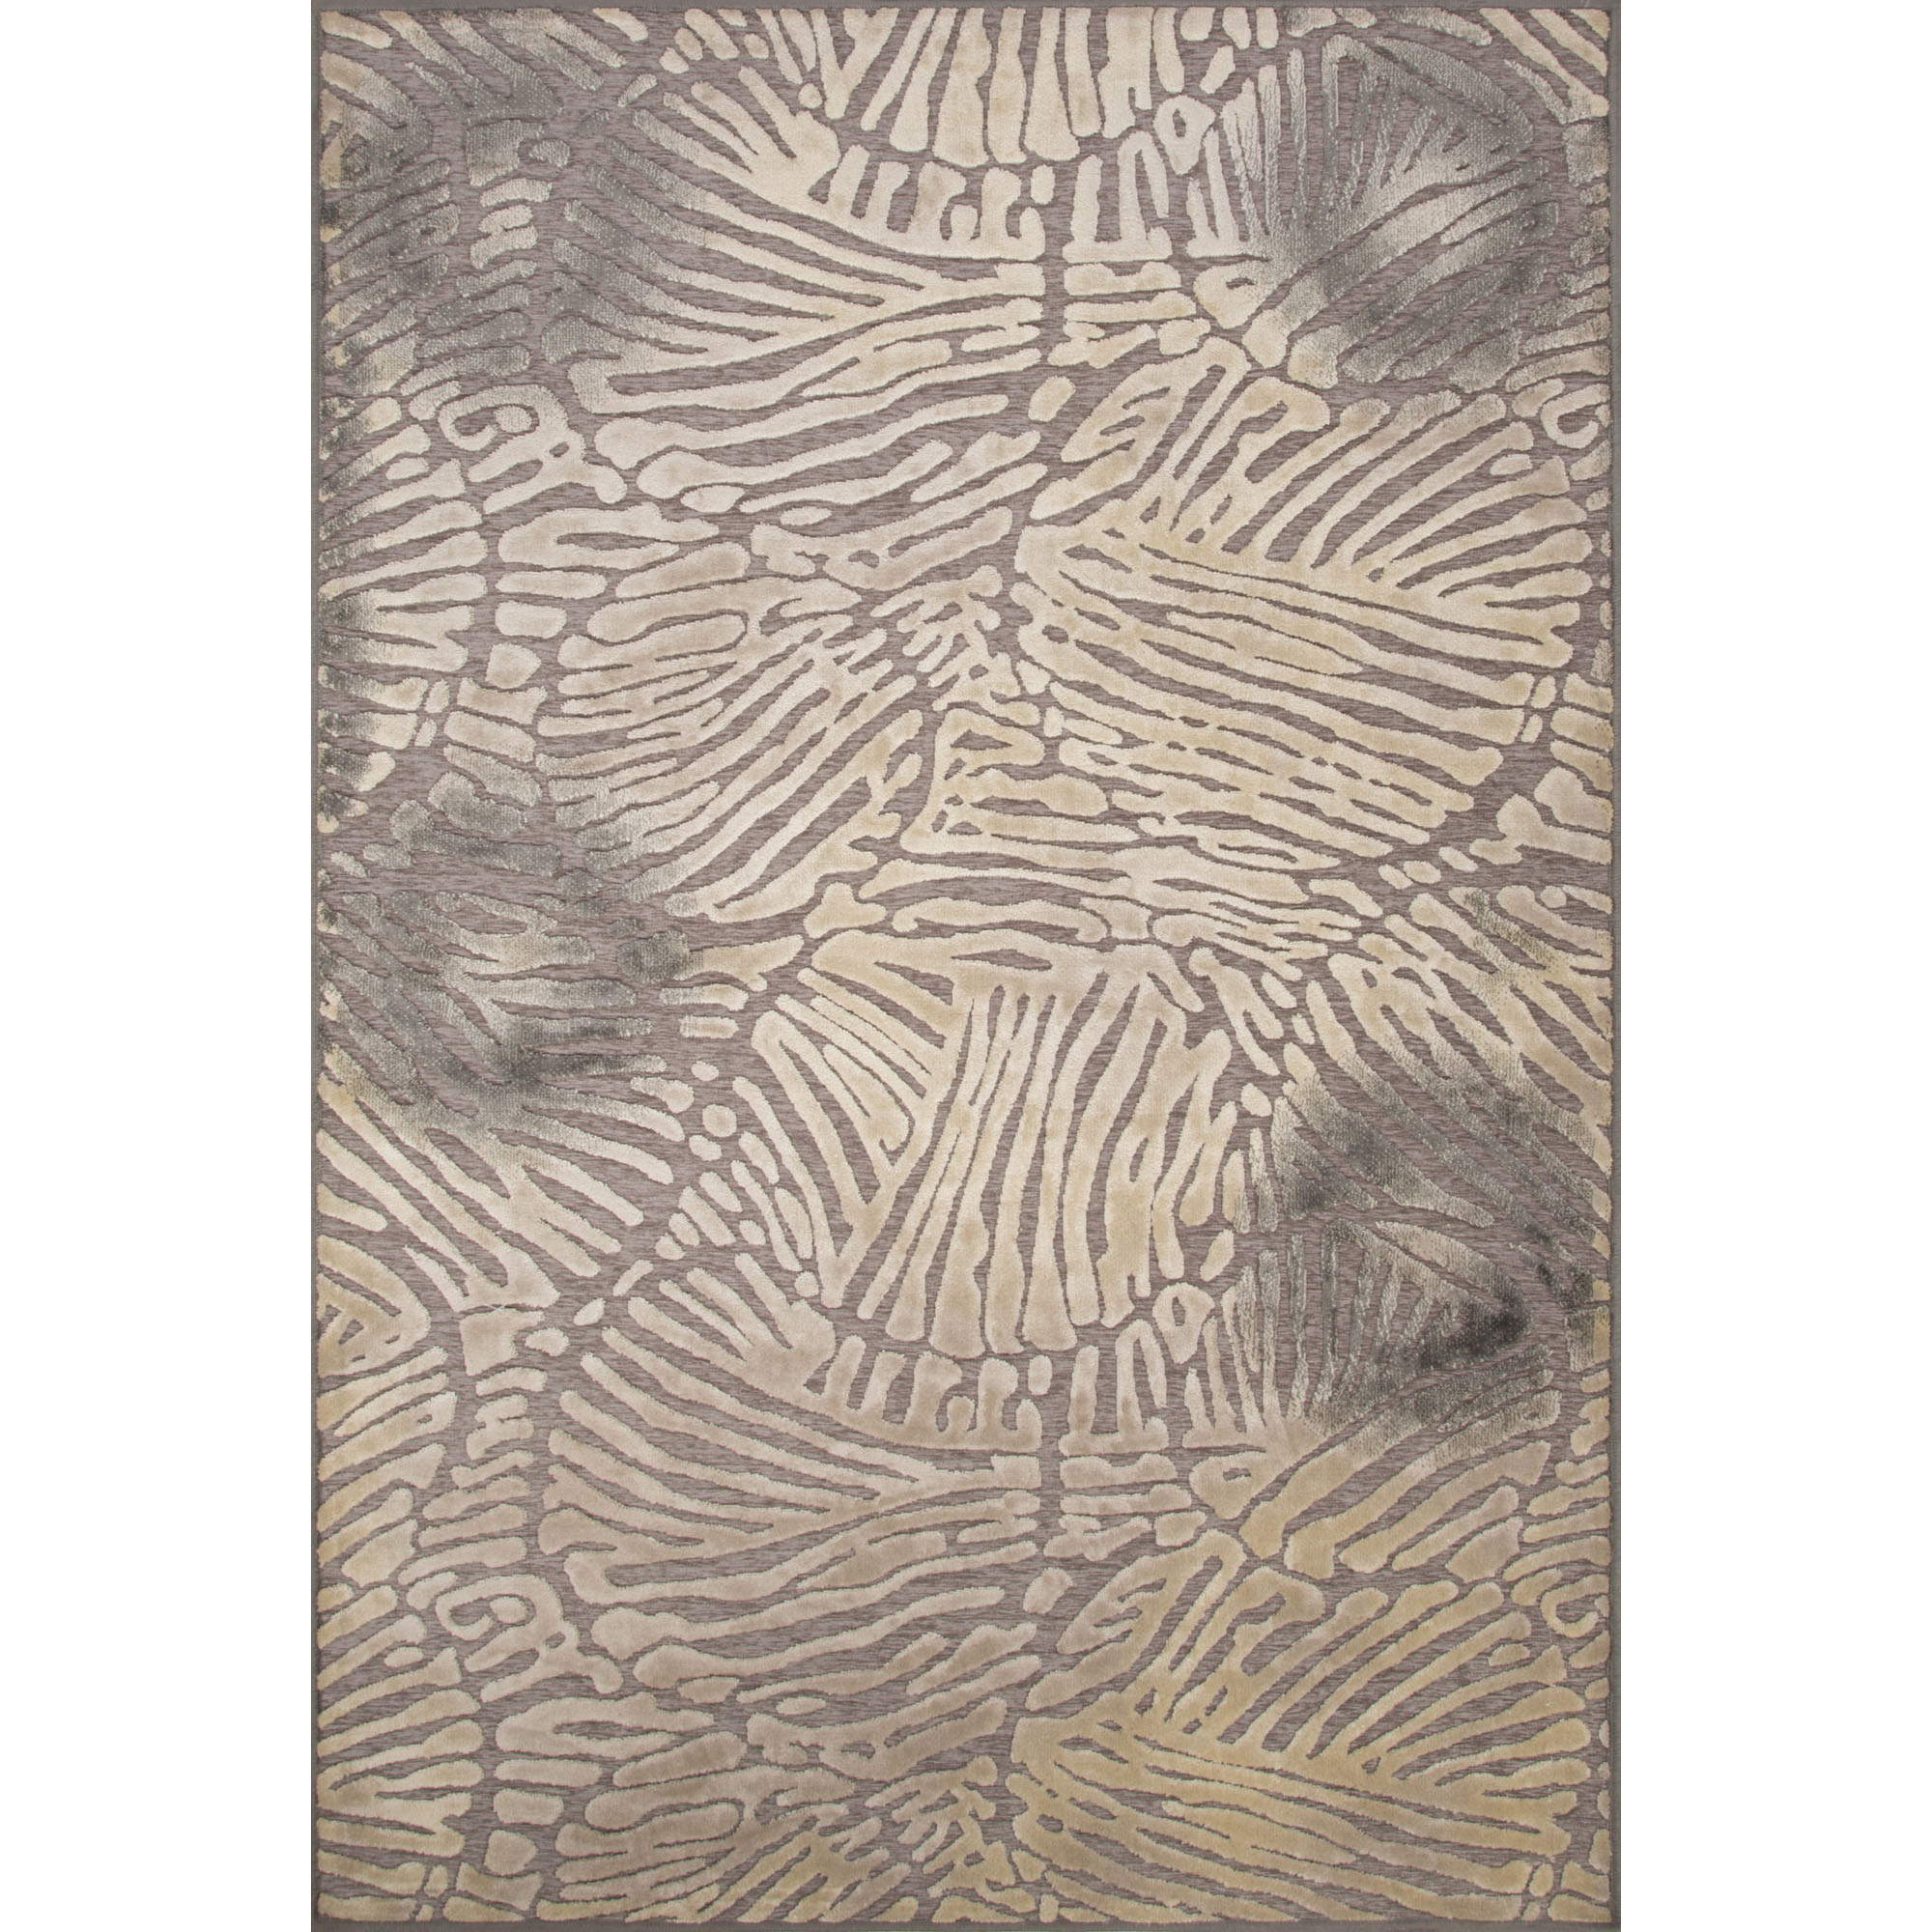 JAIPUR Rugs Harper 5.3 x 7.8 Rug - Item Number: RUG124636